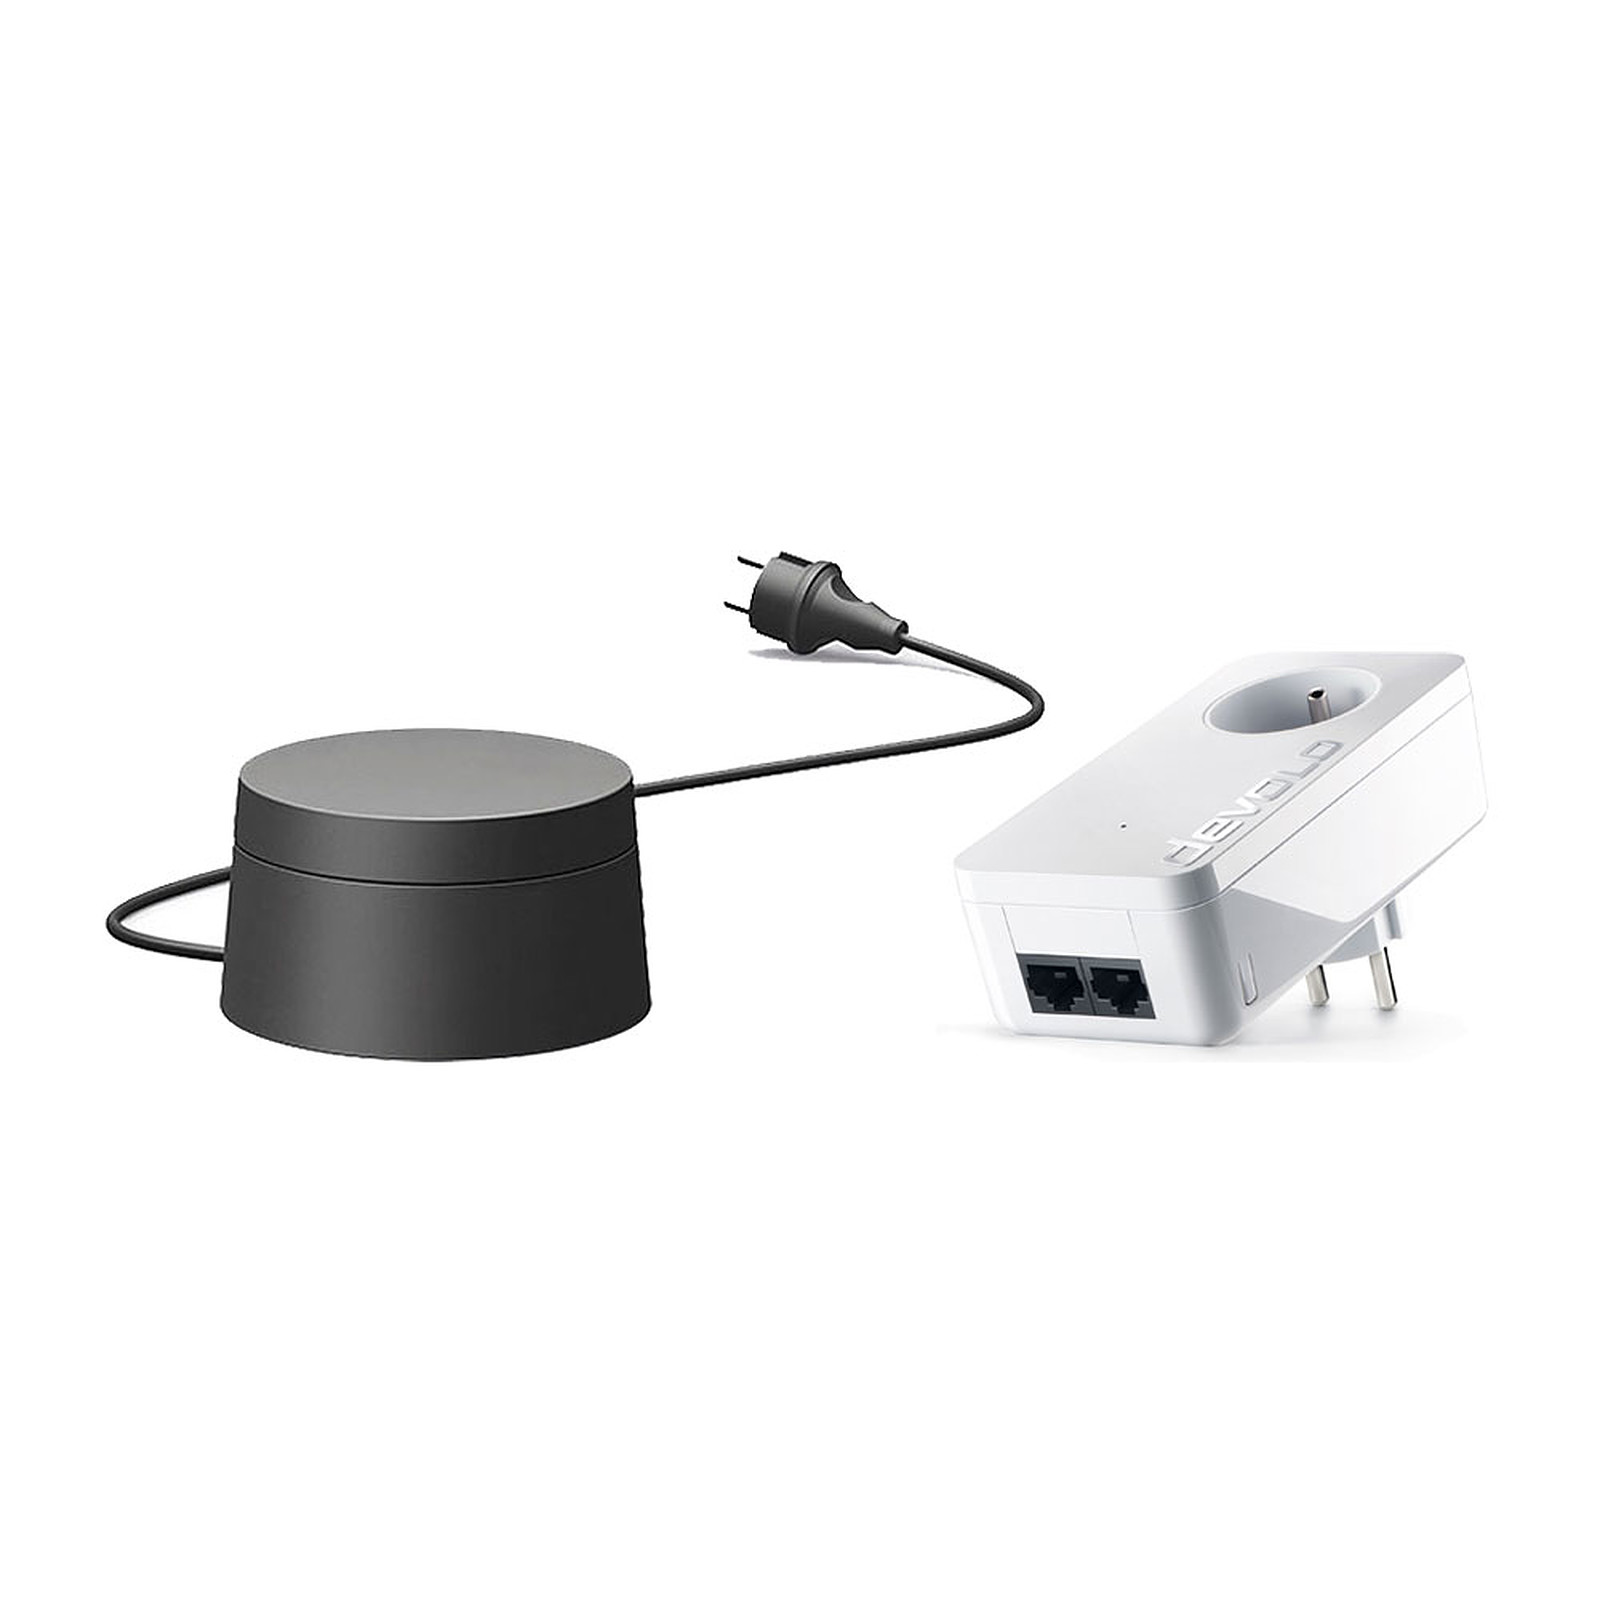 Devolo dlan WiFi Outdoor + Devolo dLAN 550 duo+